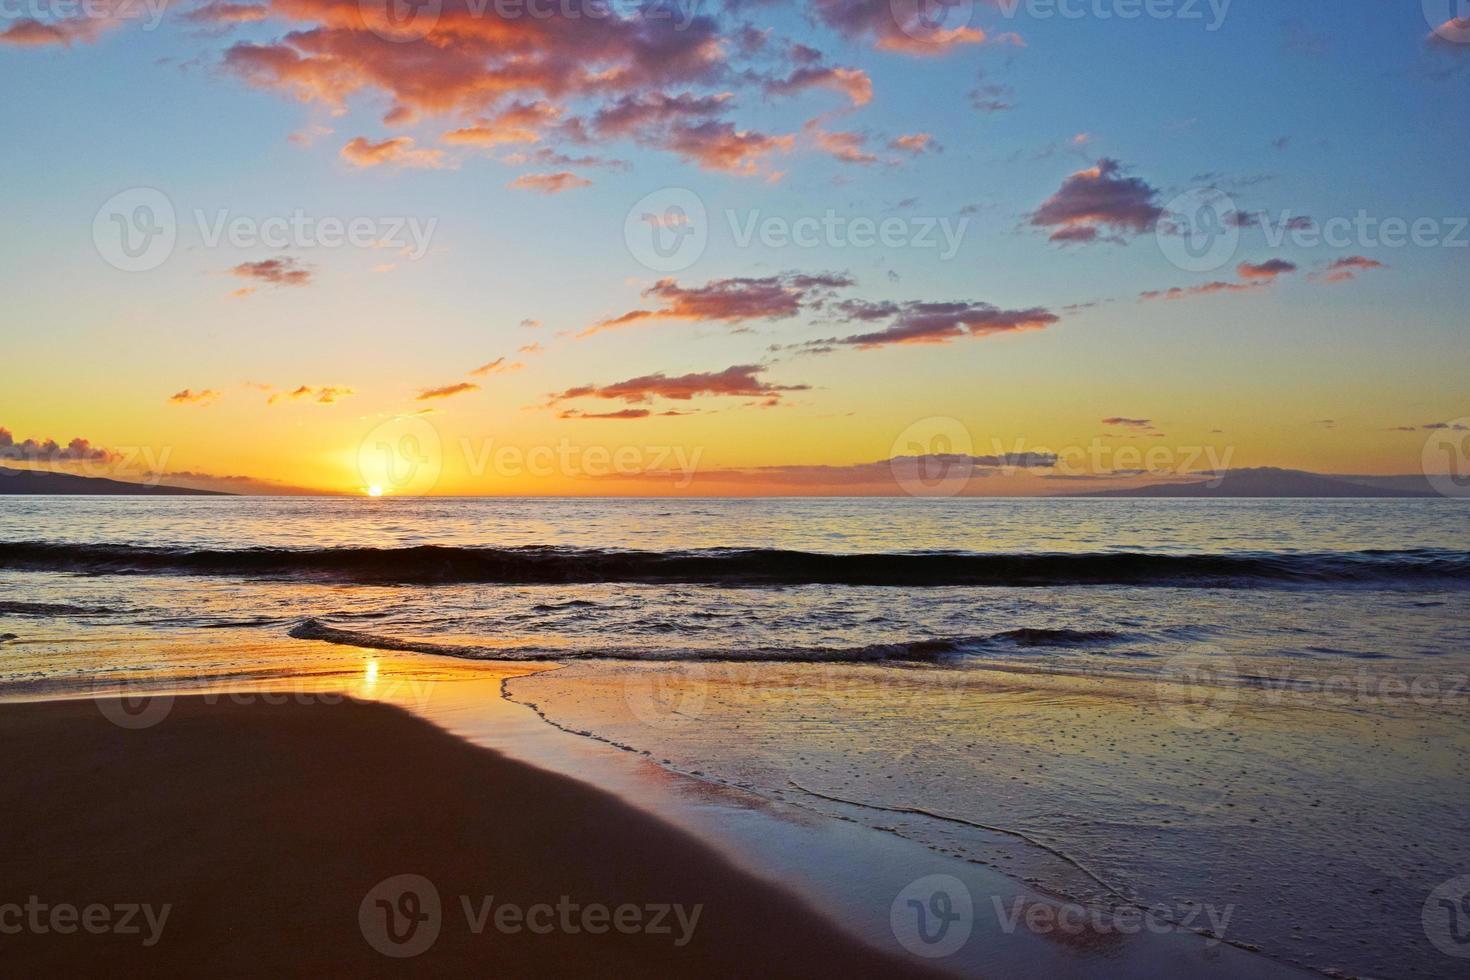 coucher de soleil sur la plage de maui photo